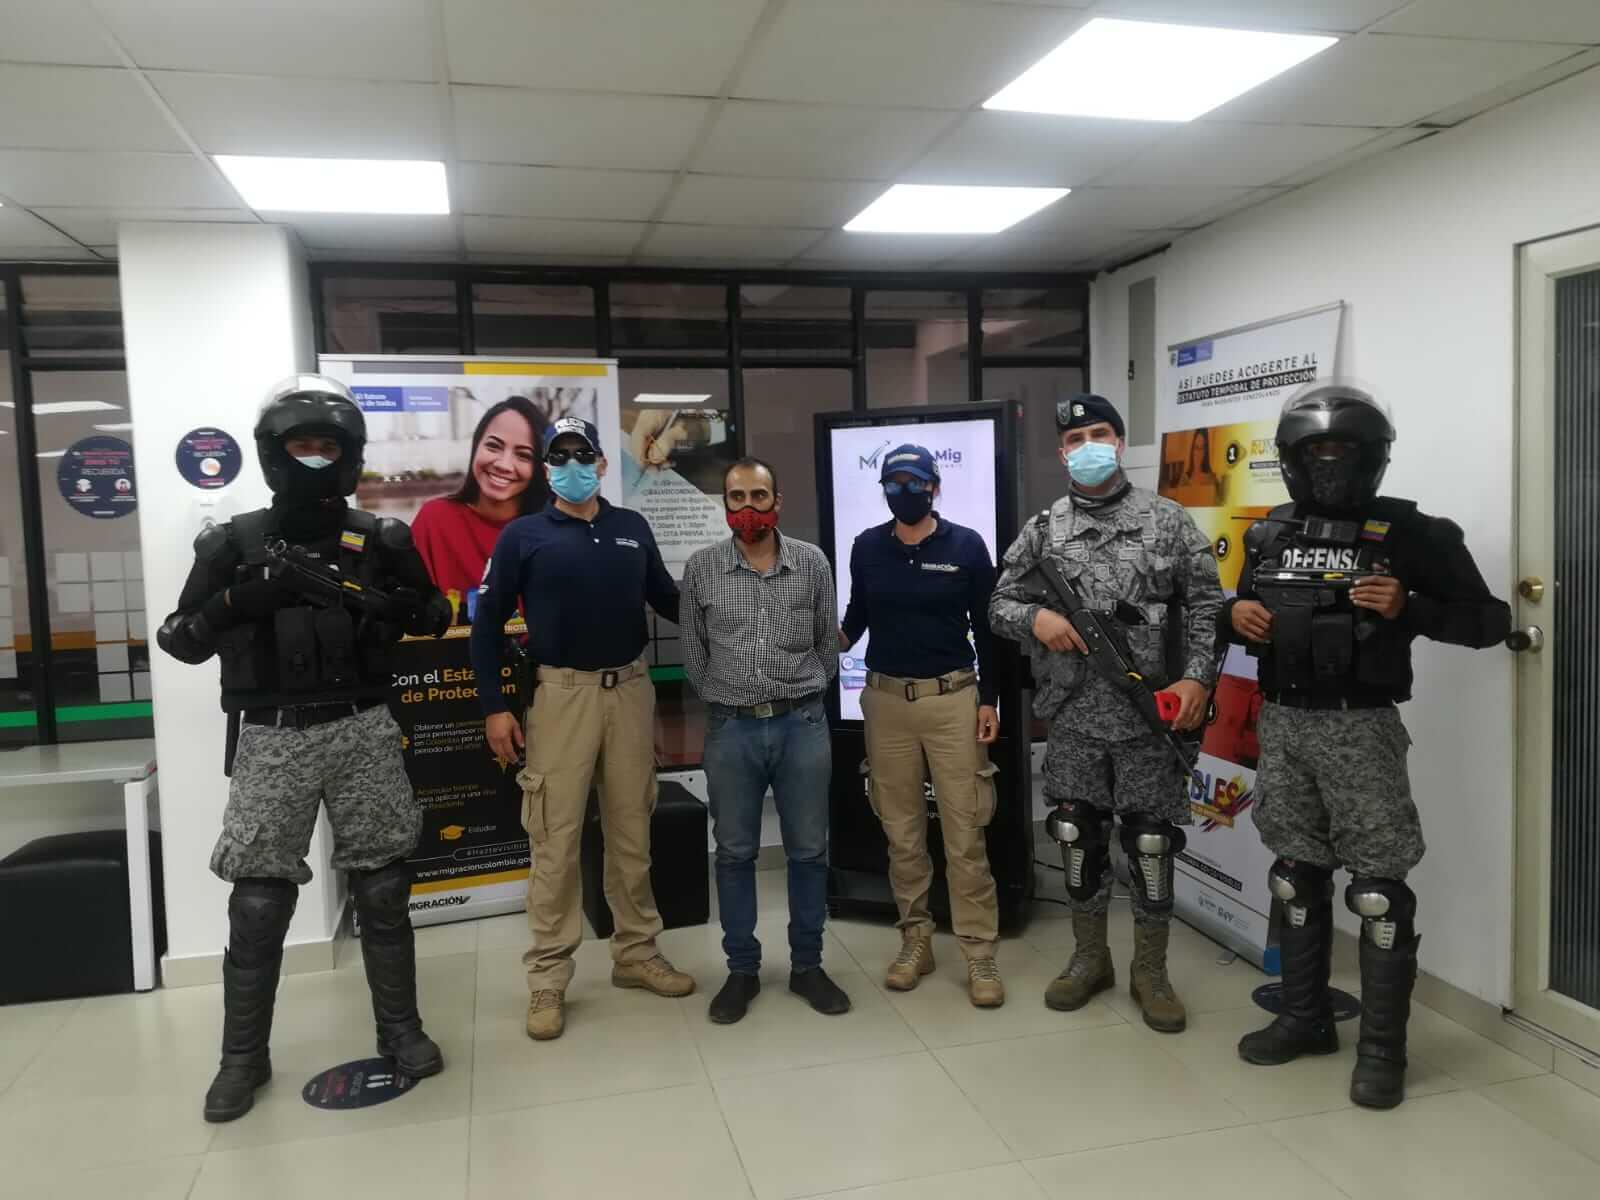 Samer Al Hasanieh fue detenido en el municipio de Madrid, muy cerca a la pista del aeropuerto El Dorado de Bogotá.